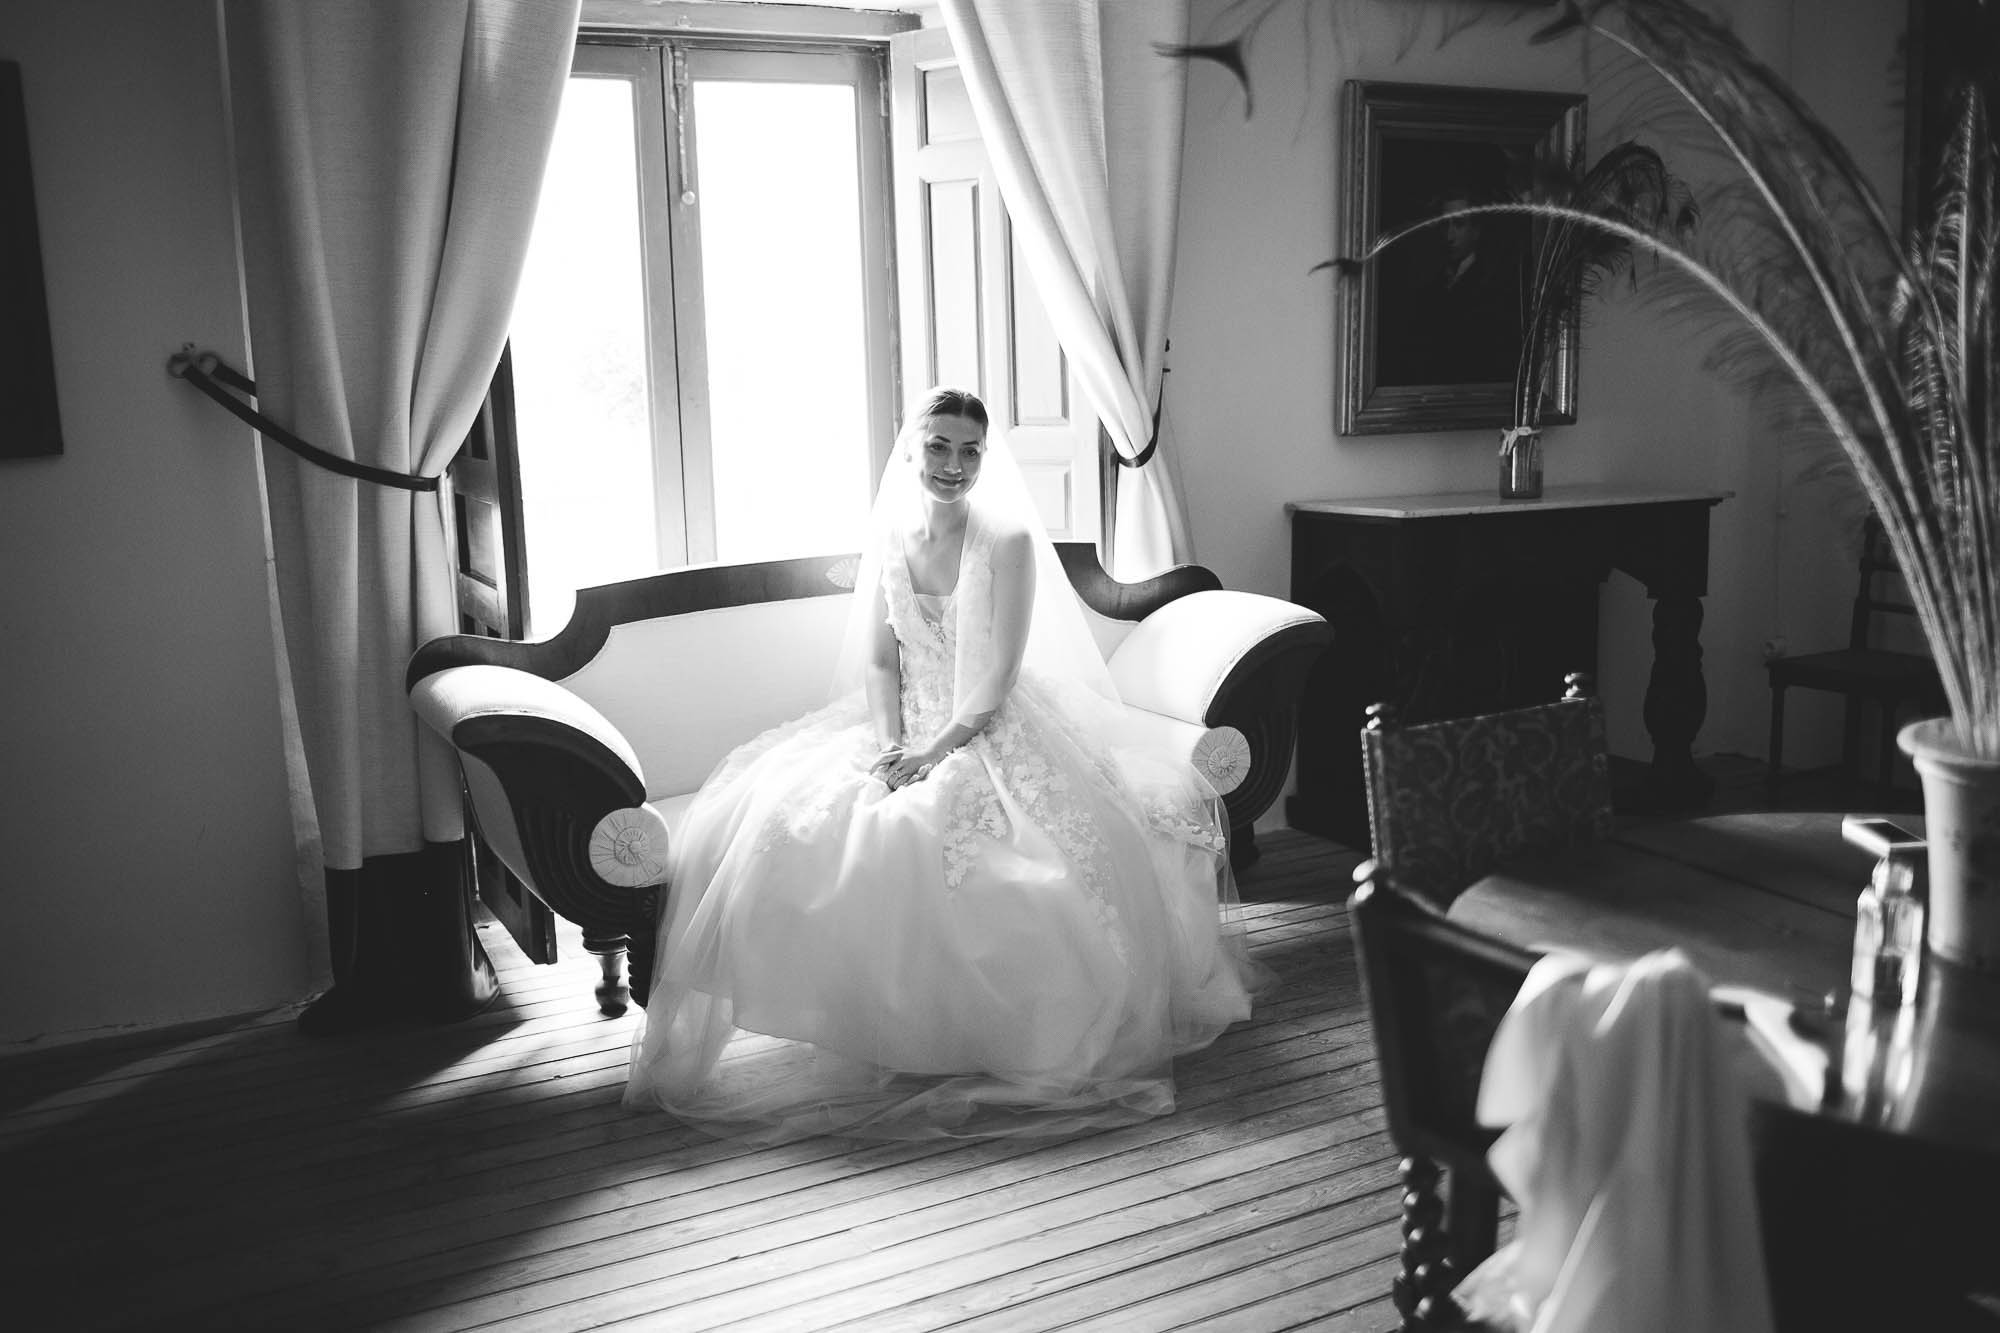 La novia espera sentada en el sofá